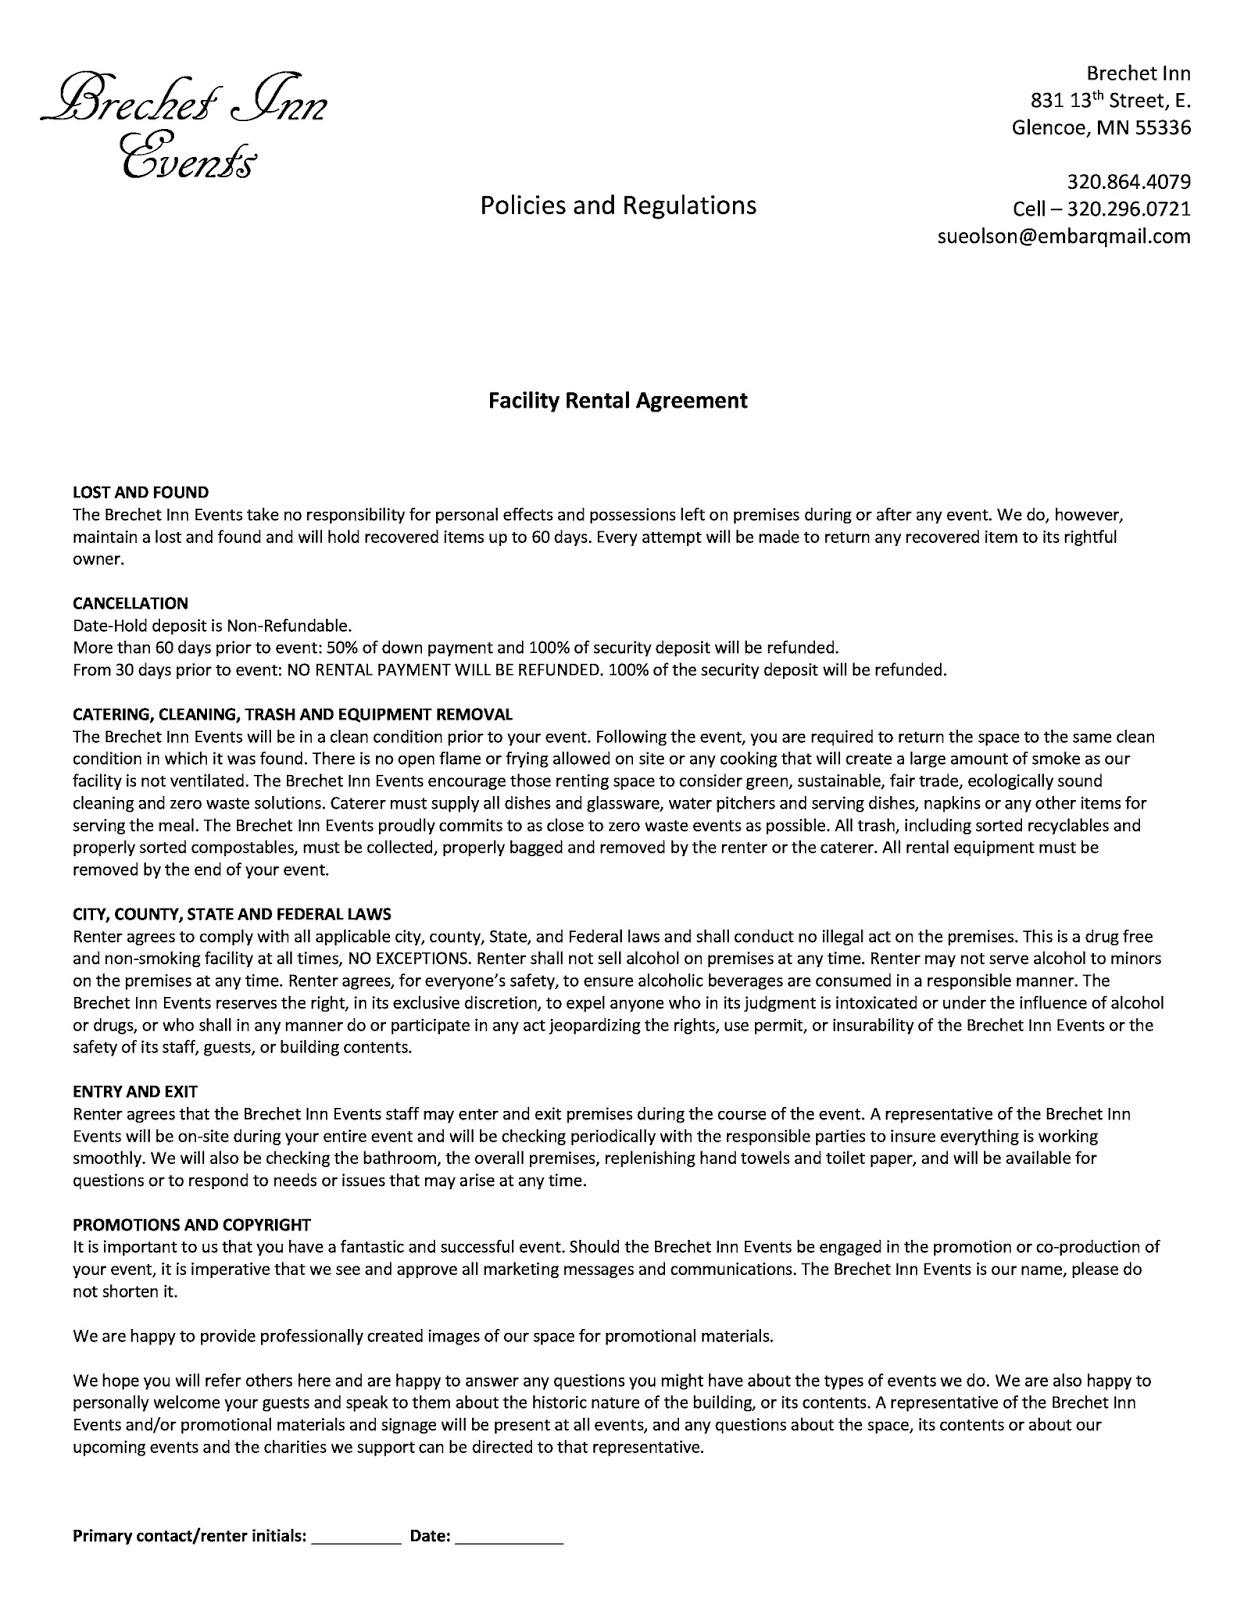 Brechet inn bed and breakfast glencoe mn event rental agreement form event rental agreement form platinumwayz